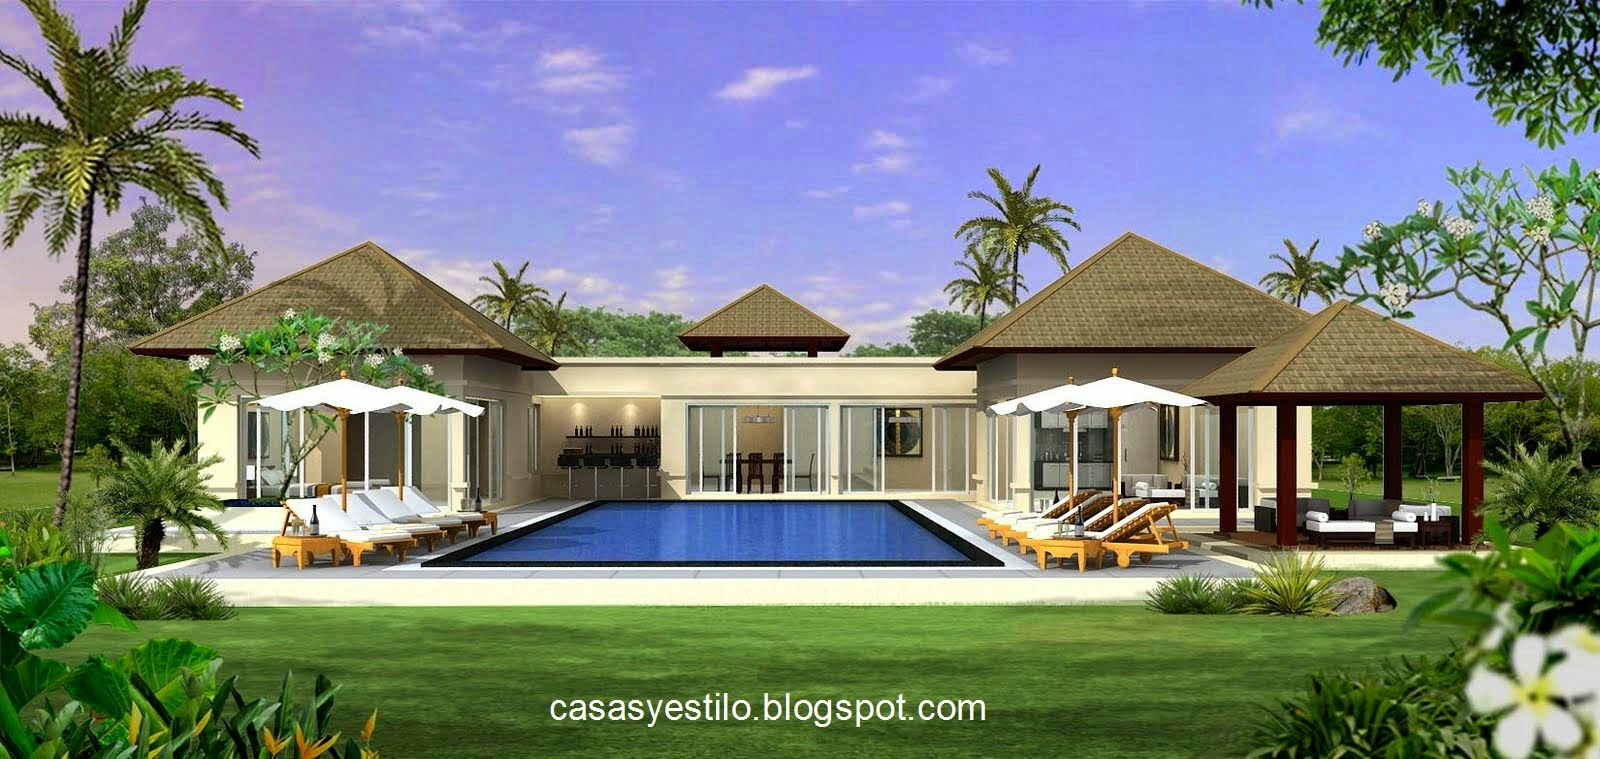 Casas grandes con piscina casas y estilo for Piscinas en el patio de la casa